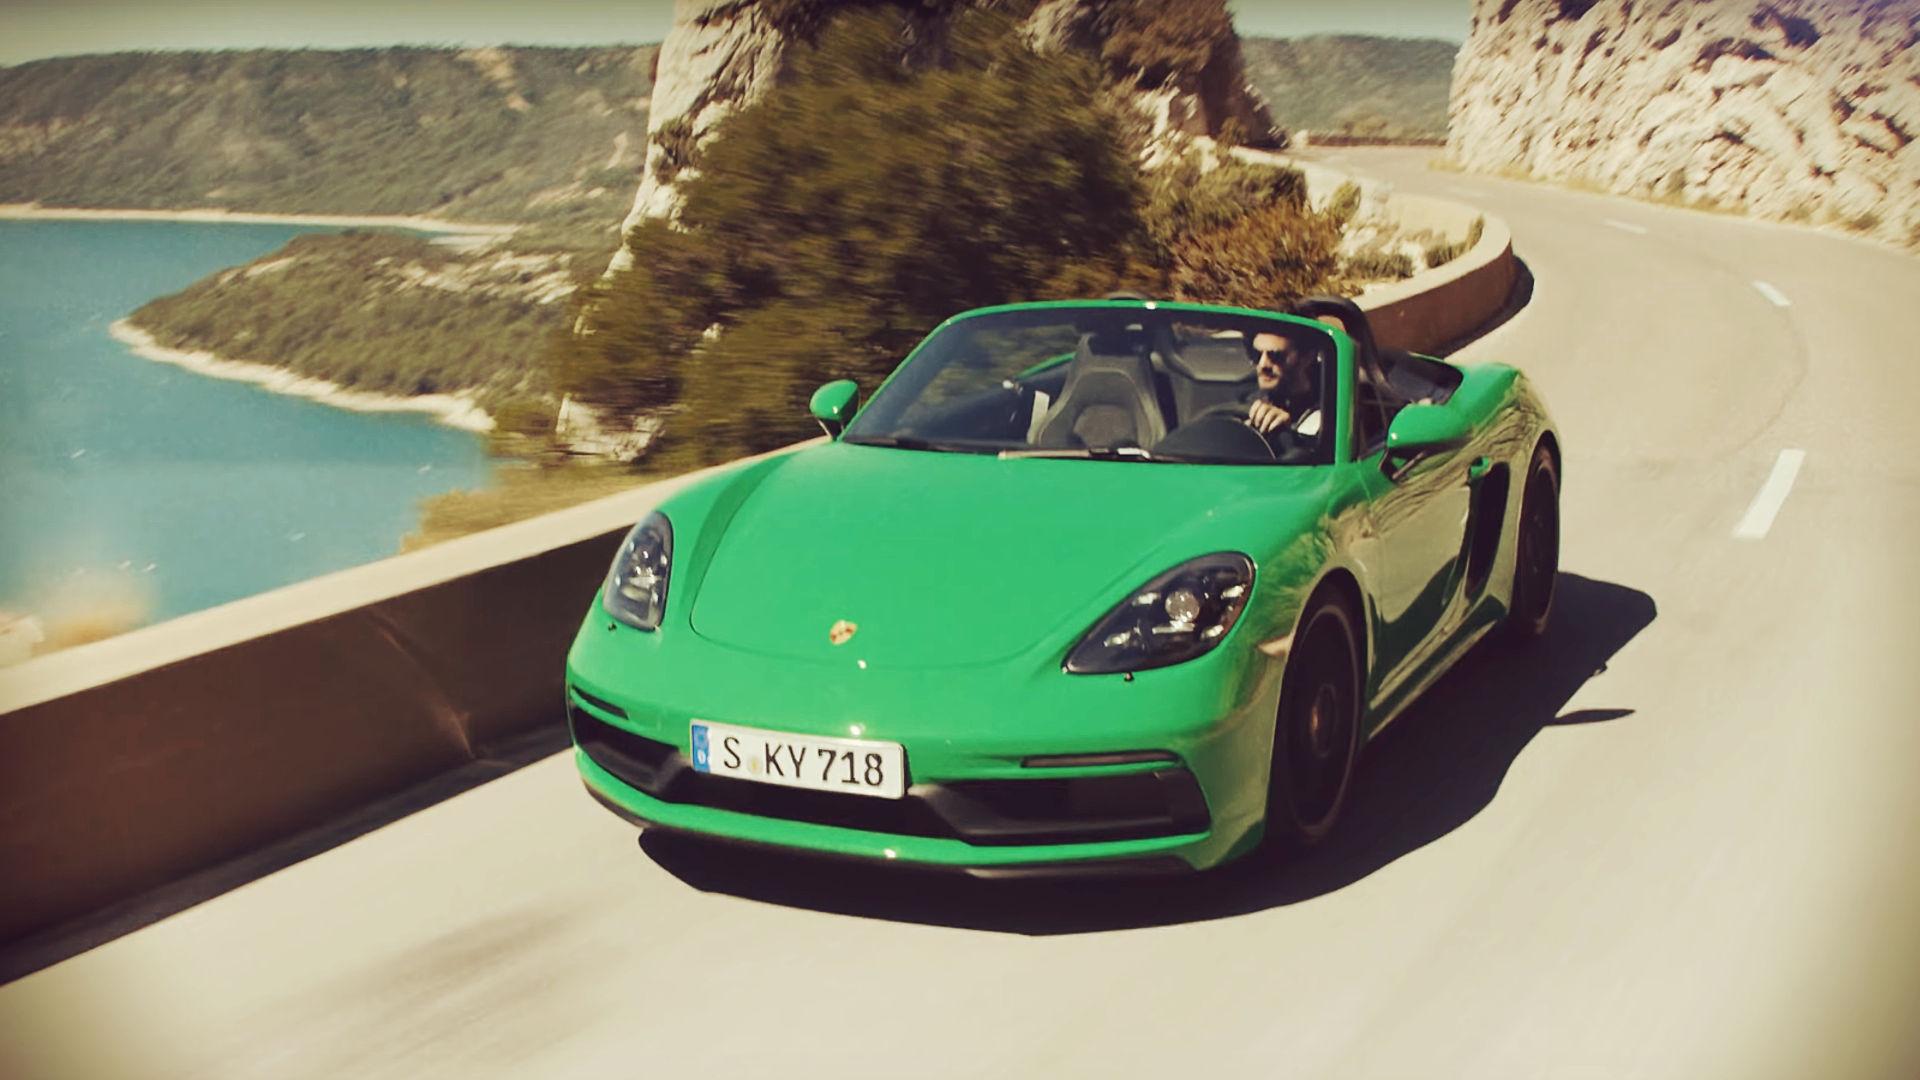 Porsche ra mắt siêu phẩm 718 Cayman GTS 4.0 và Boxster GTS 4.0